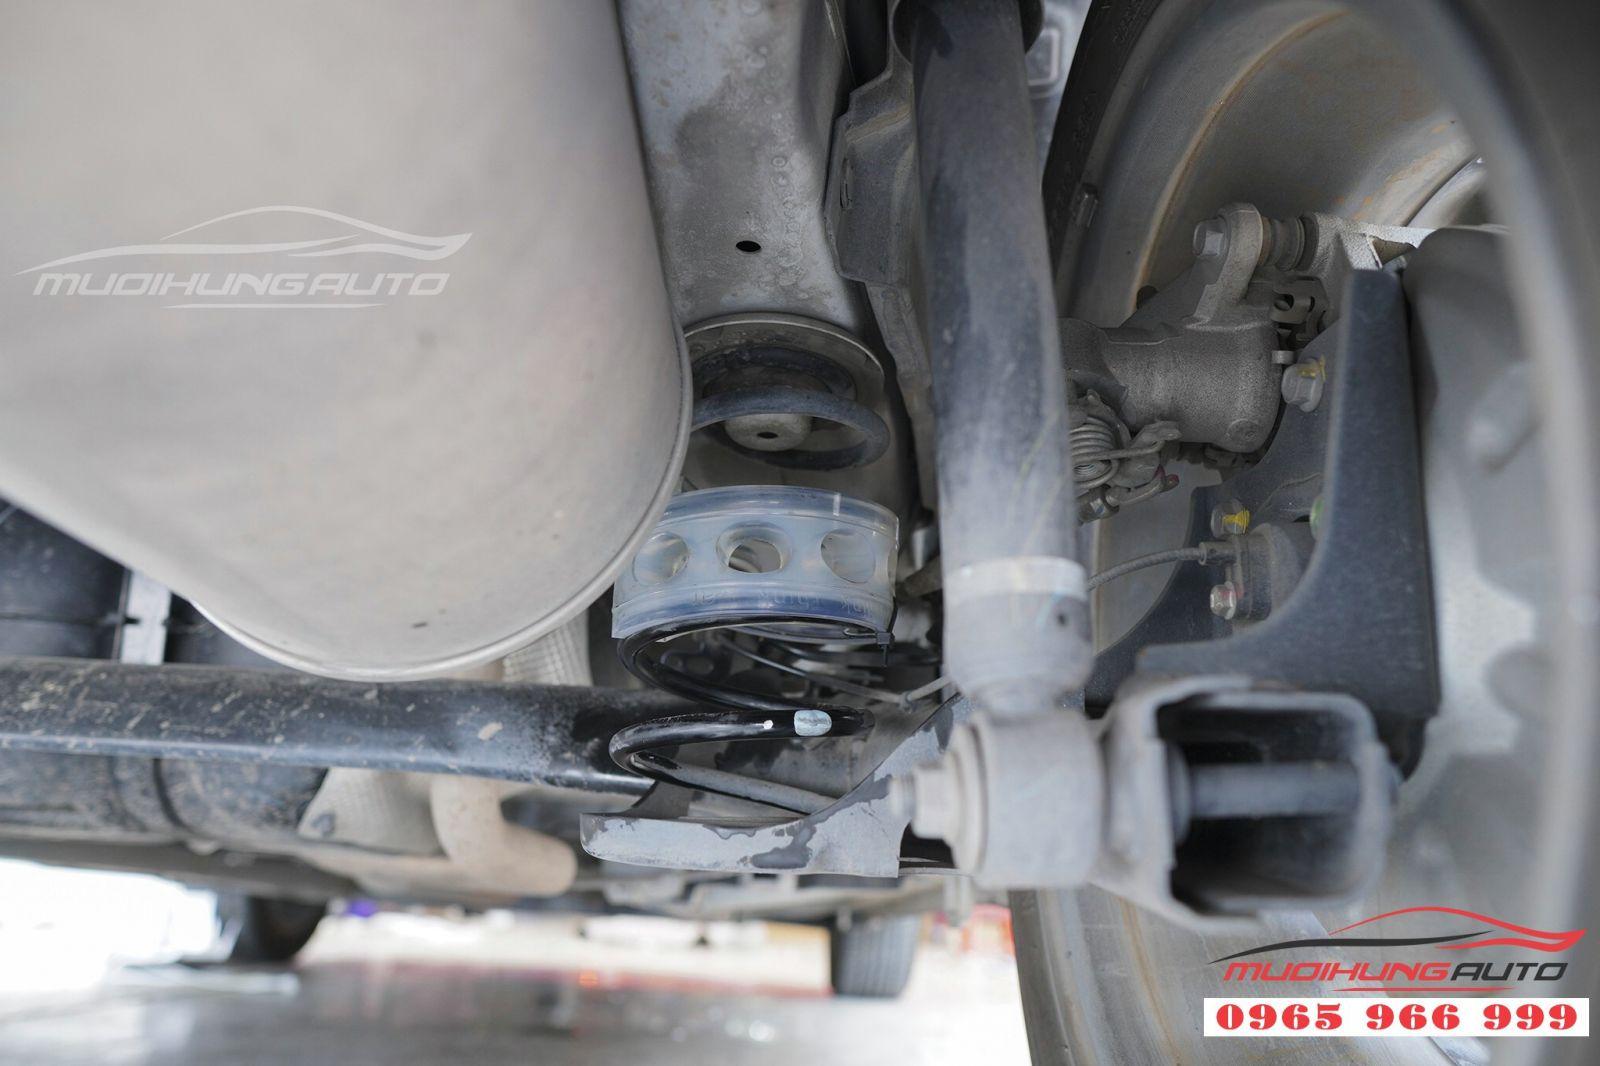 Phuộc giảm chấn TTC chính hãng cho Suzuki Swift  04